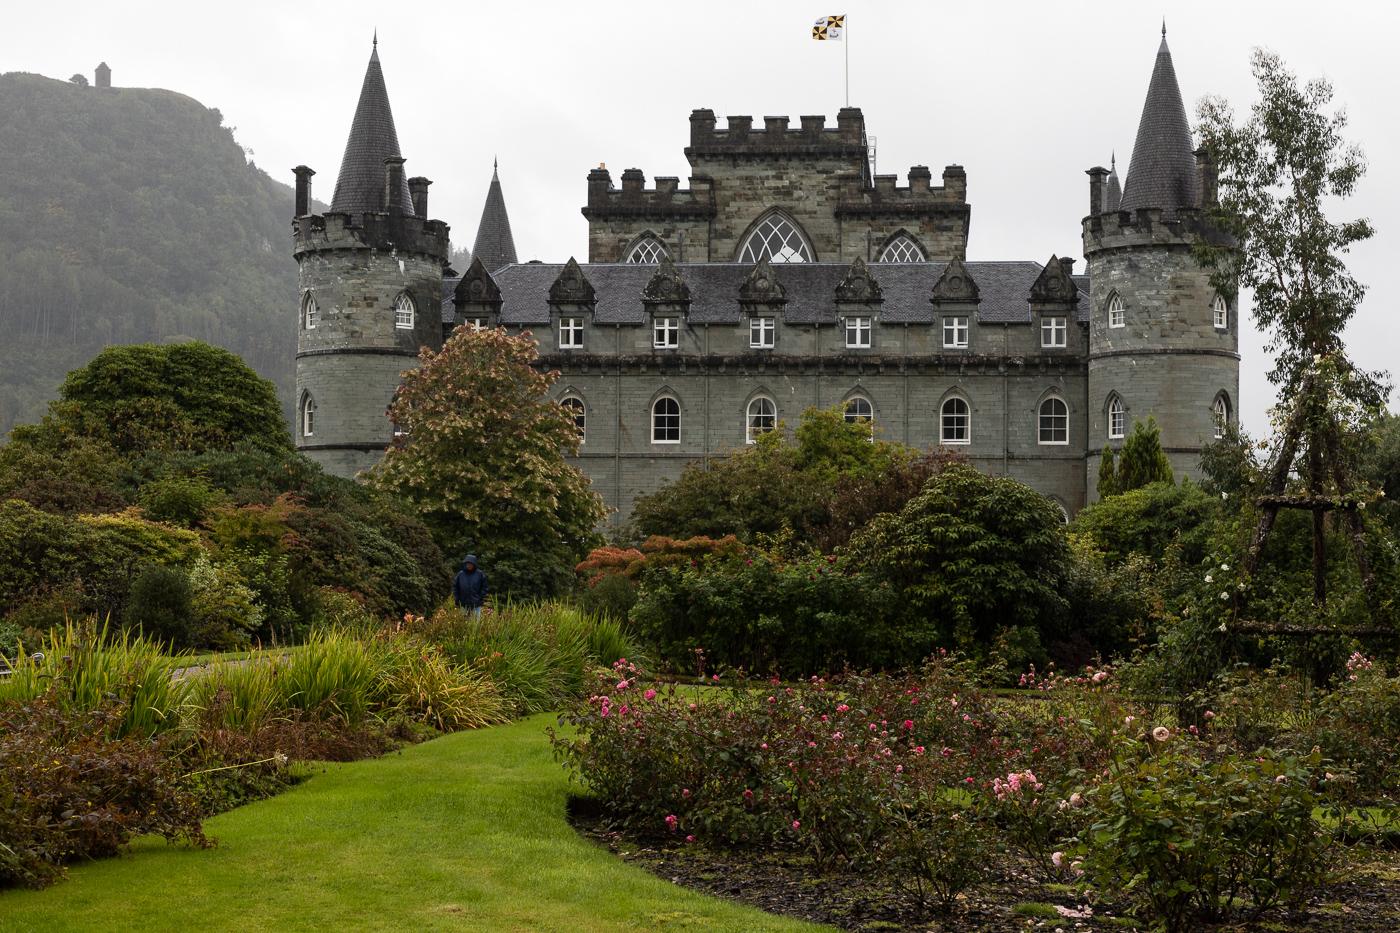 Inverary Castle, Home of the Duke of Argyll